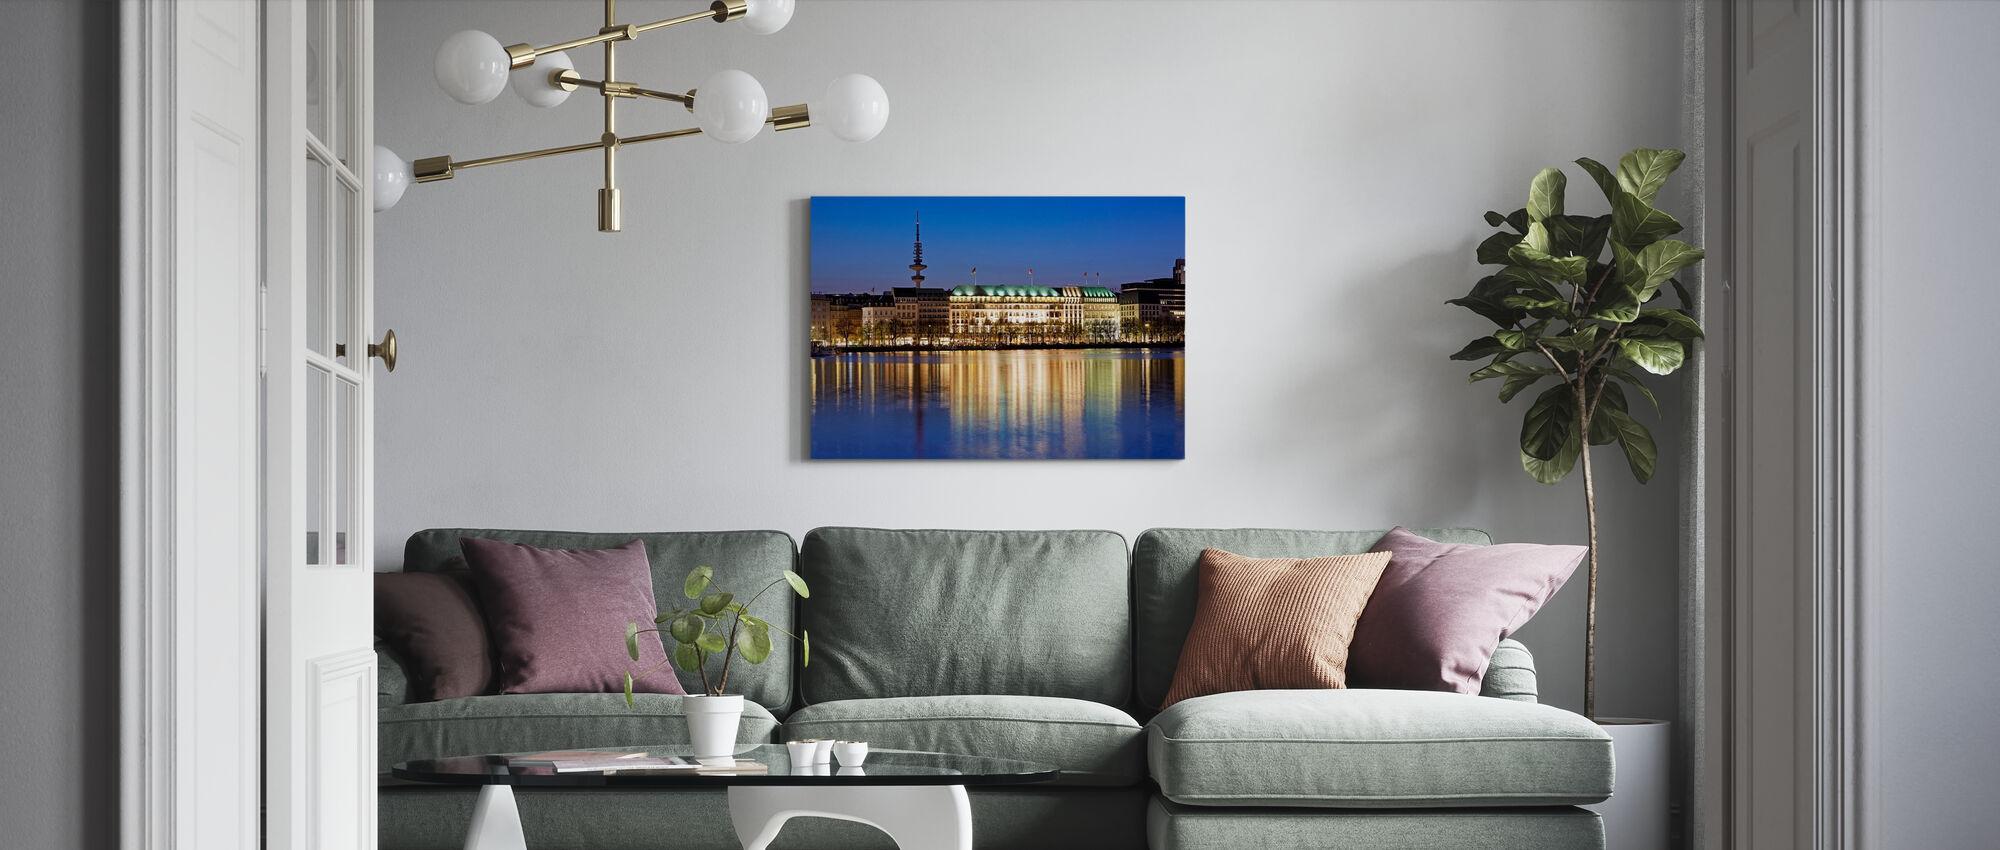 Hamburg Illuminated - Canvas print - Living Room